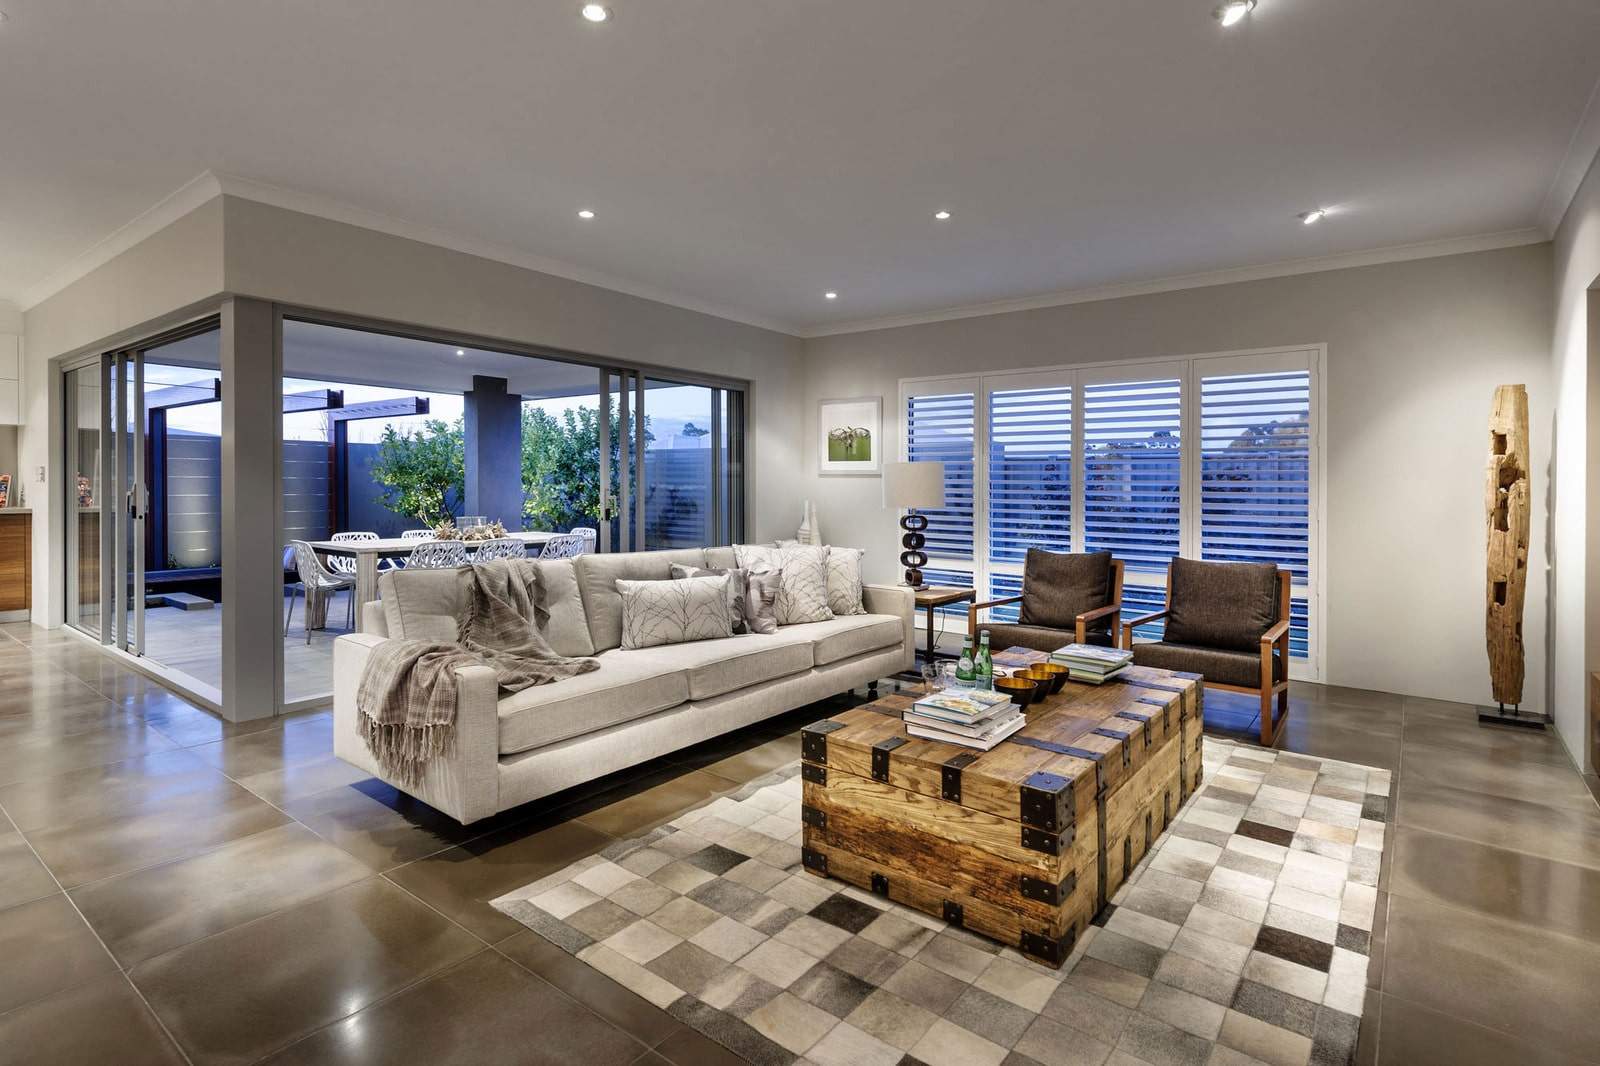 Dise o de casa moderna de dos pisos fachada e interiores for Decoracion de viviendas